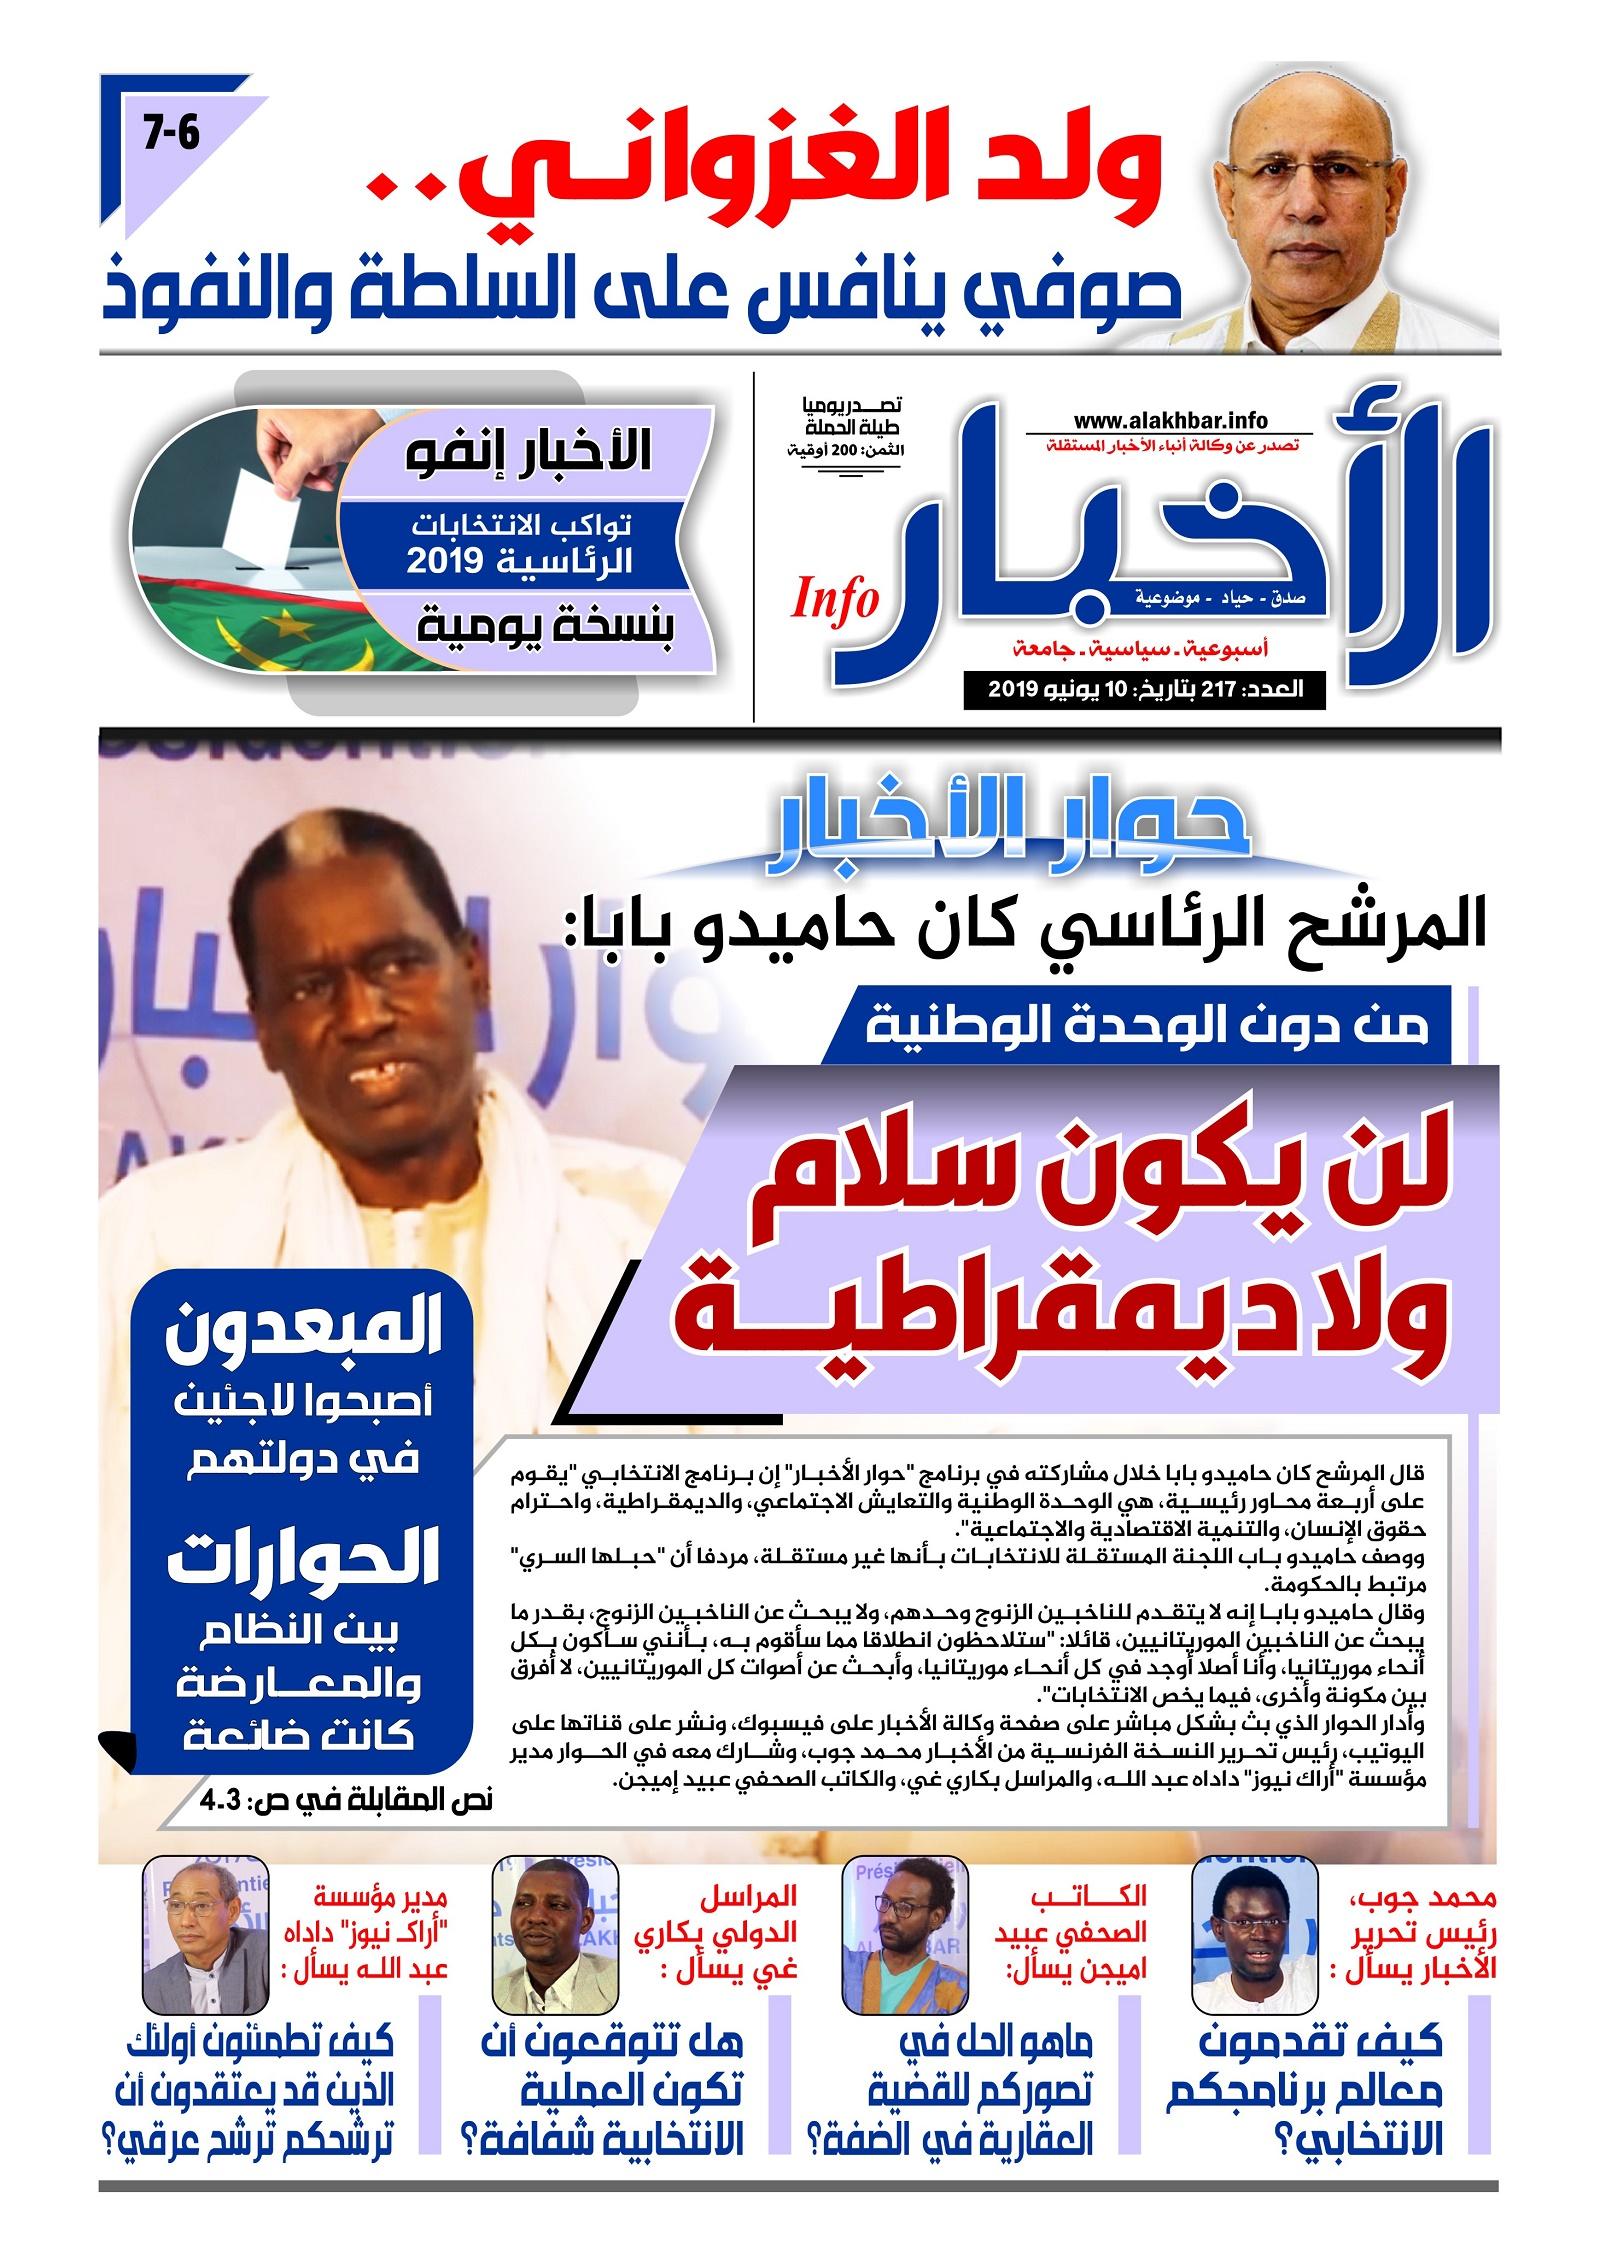 الصفحة الأولى من العدد الجديد من صحيفة الأخبار إنفو